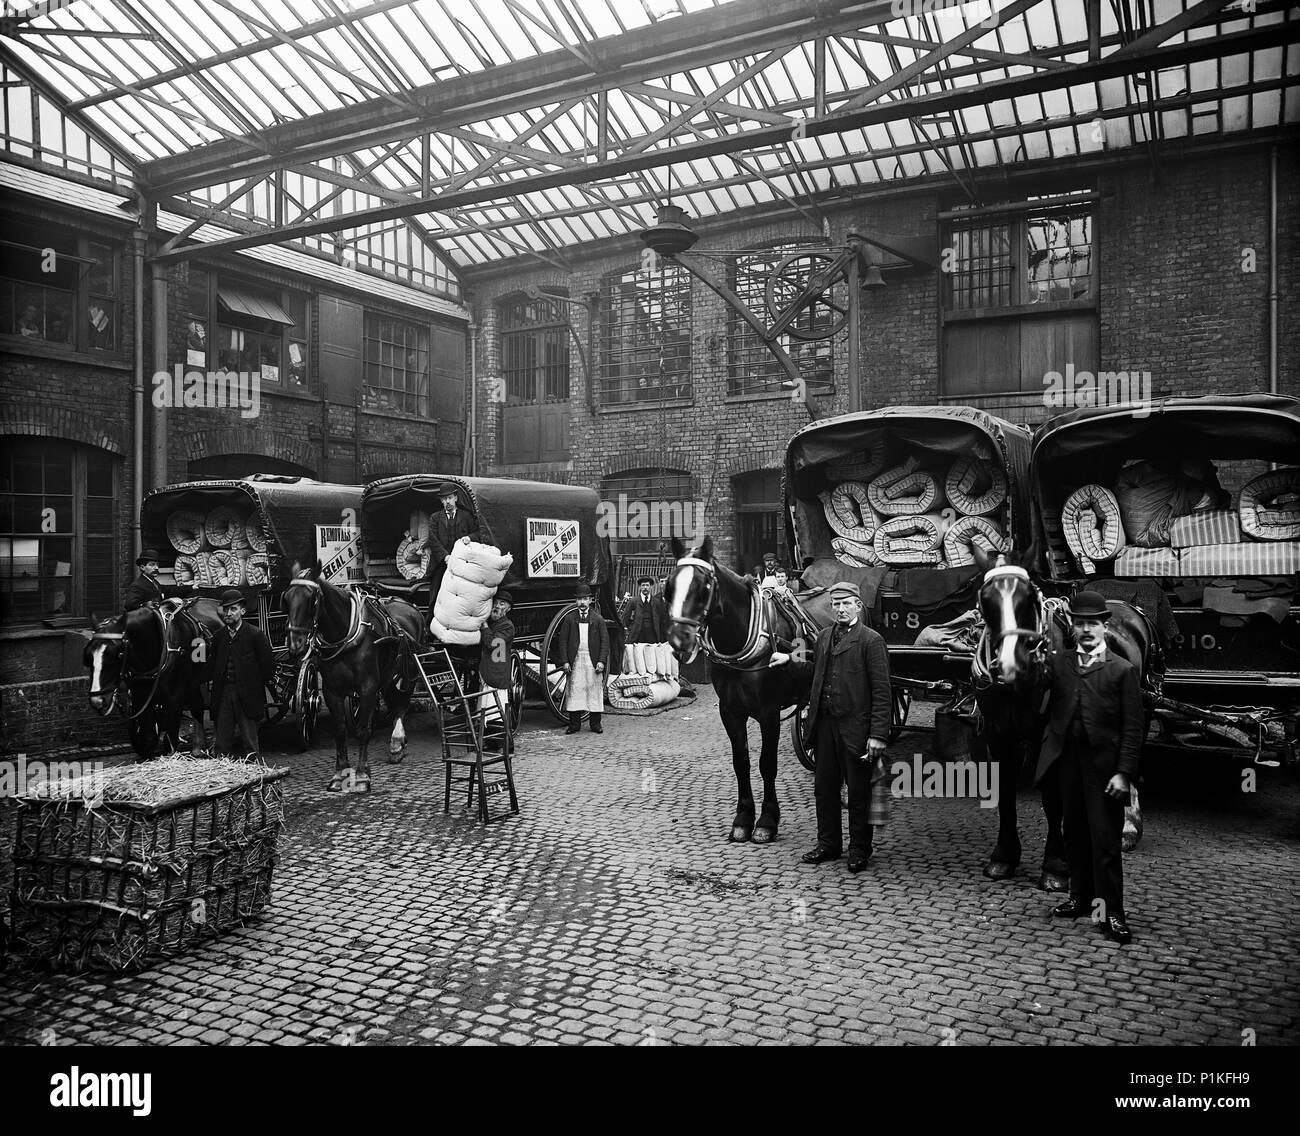 Materasso furgoncini, guarire & Son Ltd, 195-199 Tottenham Court Road, Camden, London, 1897. Personale e carri trainati da cavalli caricati con materassi un Immagini Stock